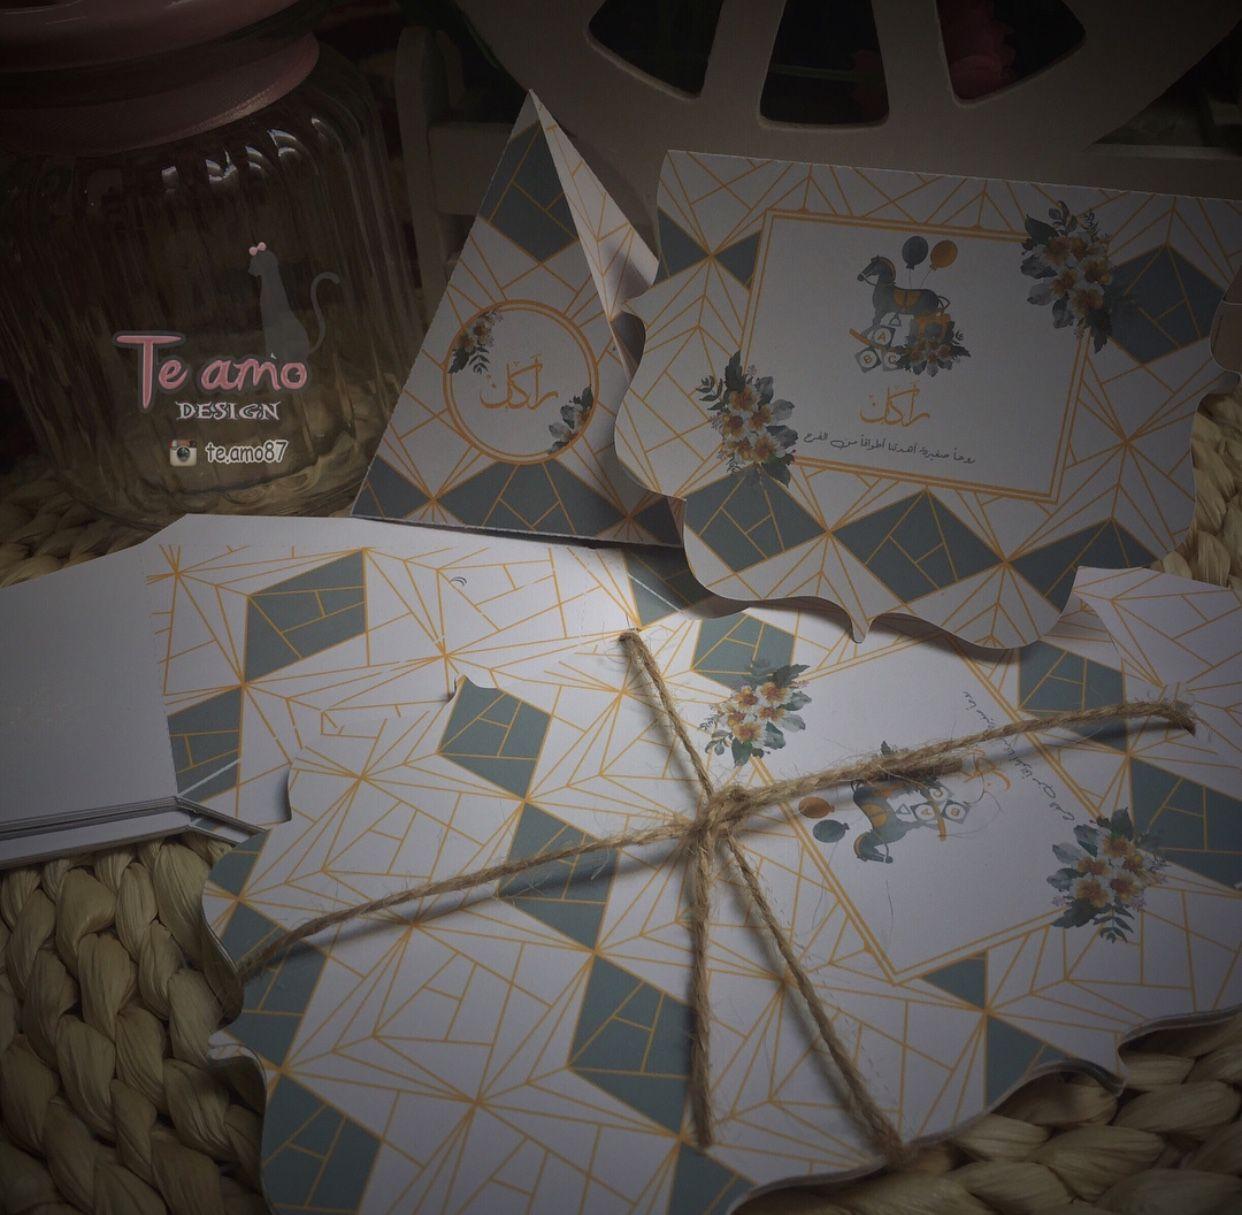 ثيم مولود كرت طاوله علبة توزيعه مثلثه امكانيه اضافه عبارات والوان حسب الطلب وتنفيذه ع علب منديل شوكولاته تغريسات Baby Boy Shower Theme Gift Wrapping